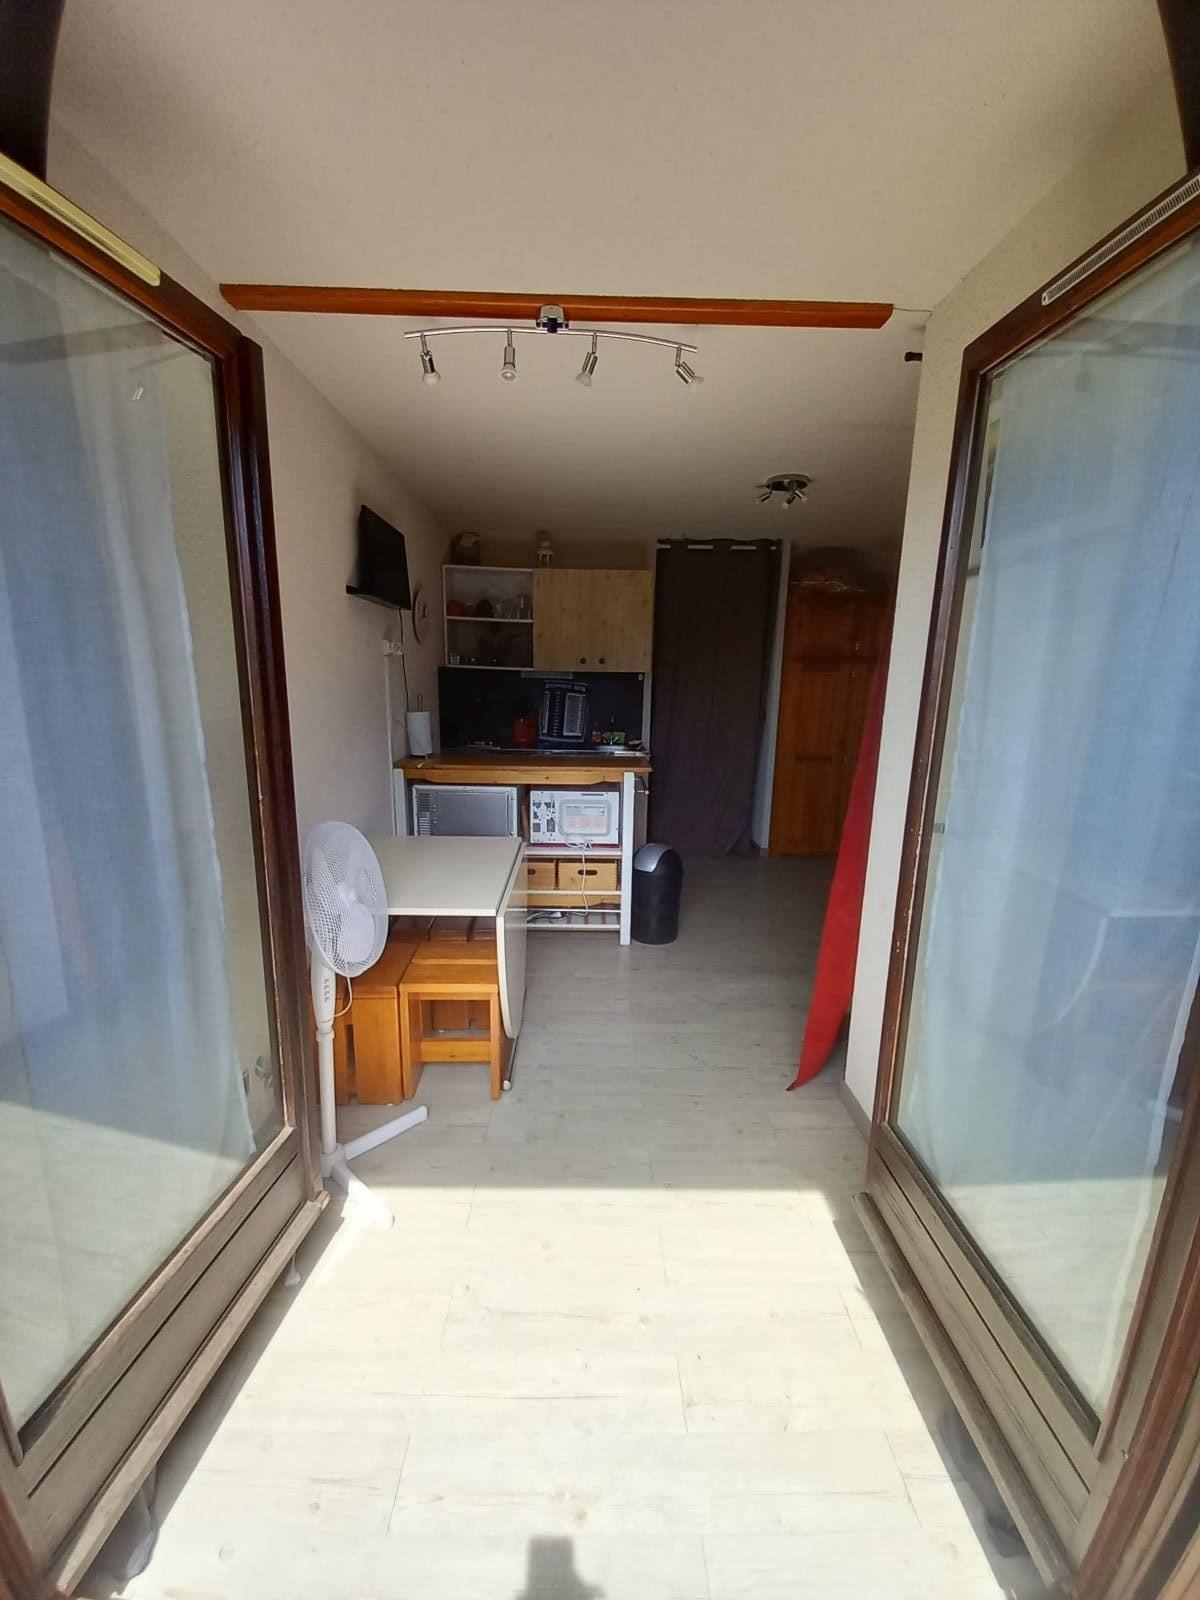 20210721 145840 - SAINT-LEGER-LES-MELEZES STUDIO DE 30 m² (6 COUCHAGES) AVEC BALCON